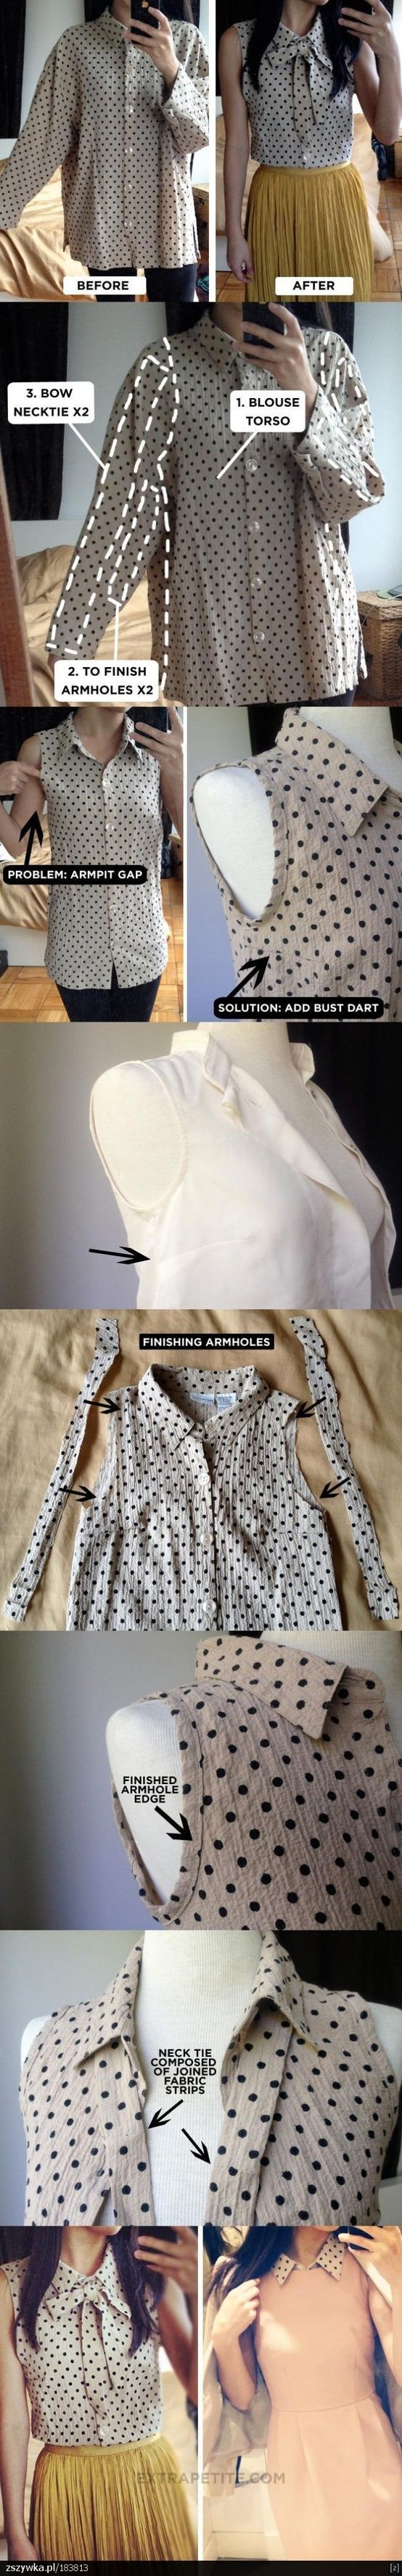 Drab to Fab shirt tutorial